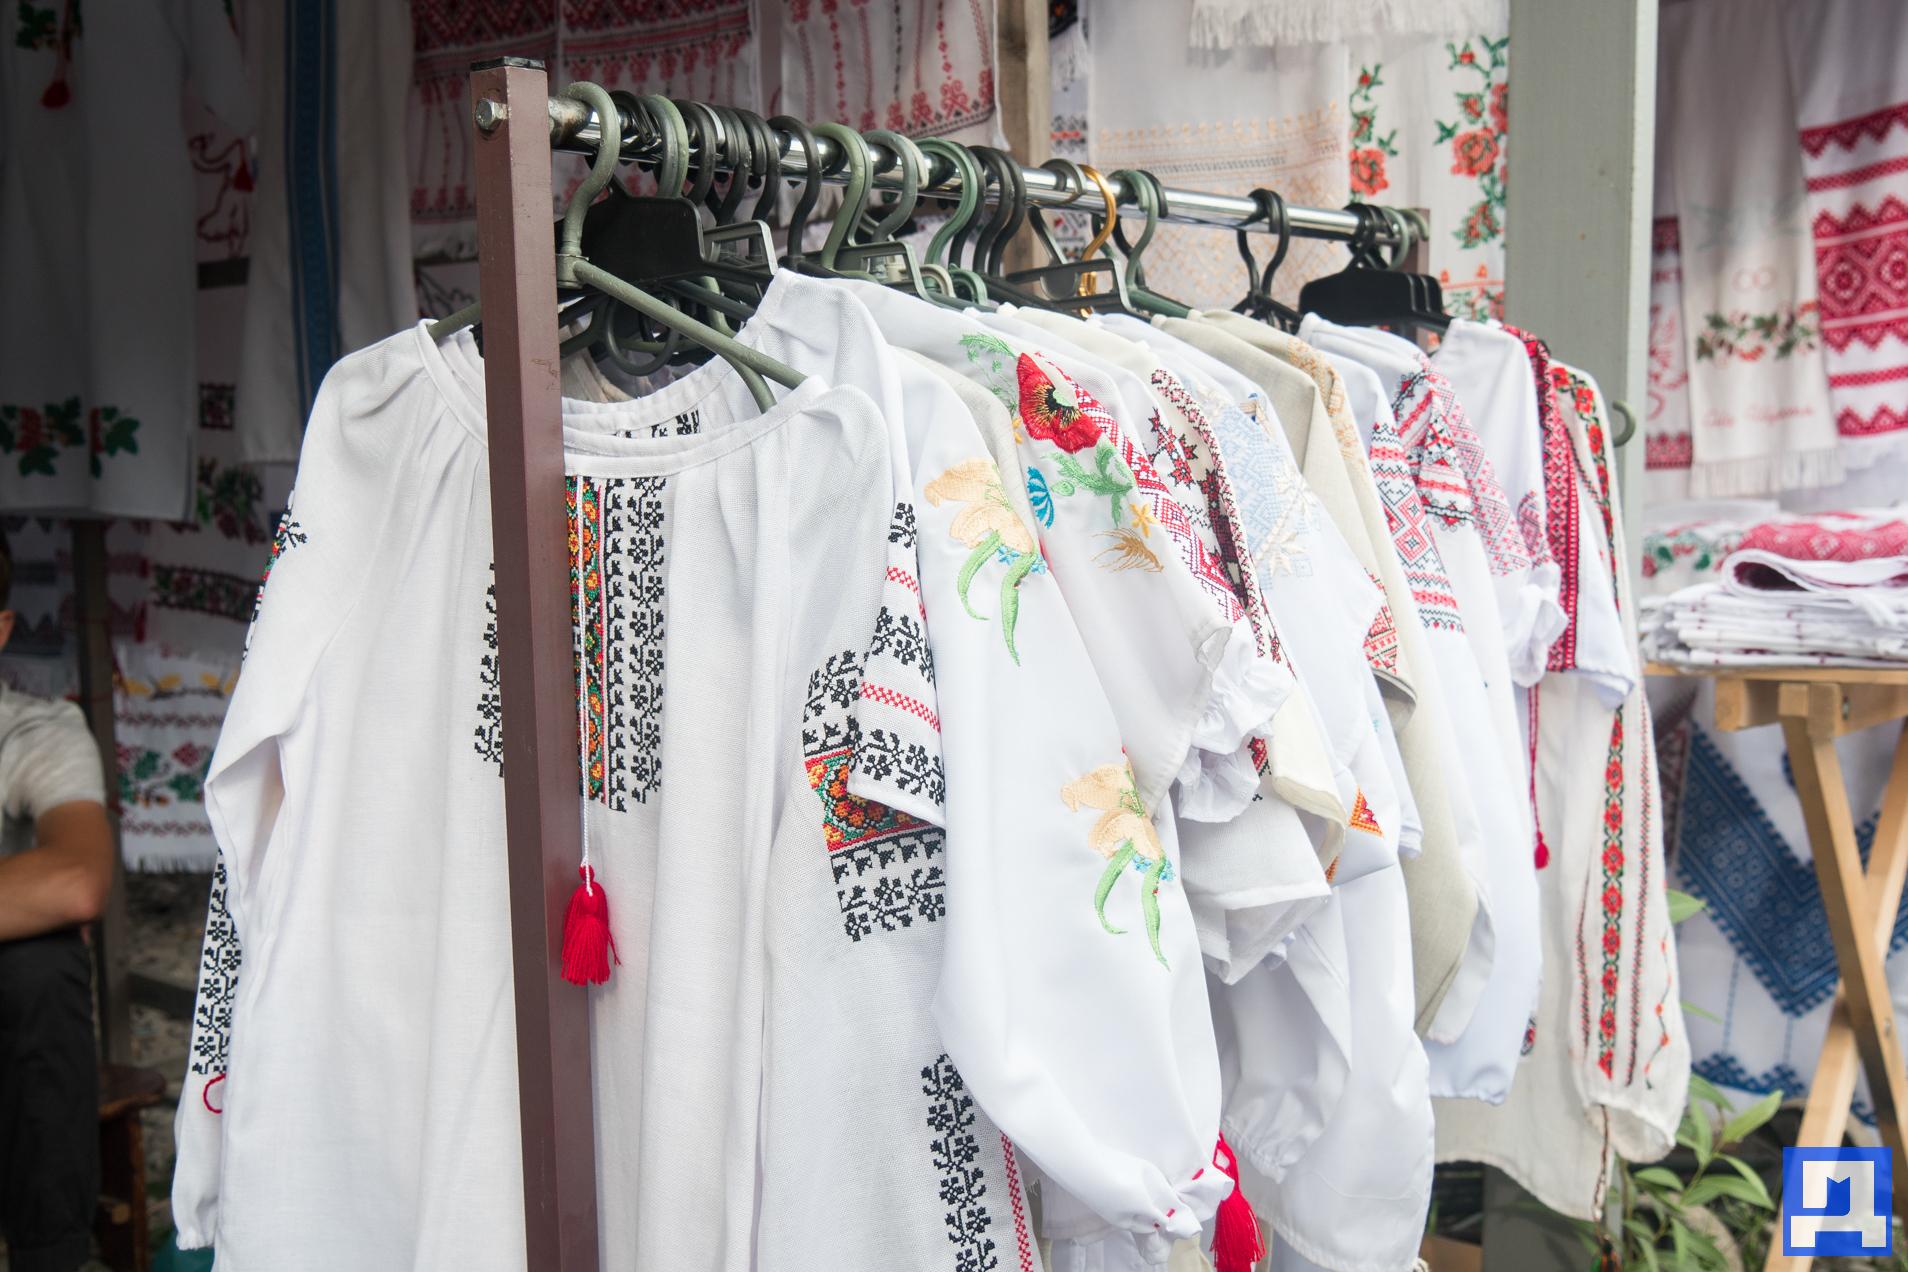 За вишиванкою до Коломиї. Як нічний ринок вишиванок набирає популярності і  приваблює людей з цілої України. ФОТО + ВІДЕО - Дзеркало Коломиї bb331fbfdda5a